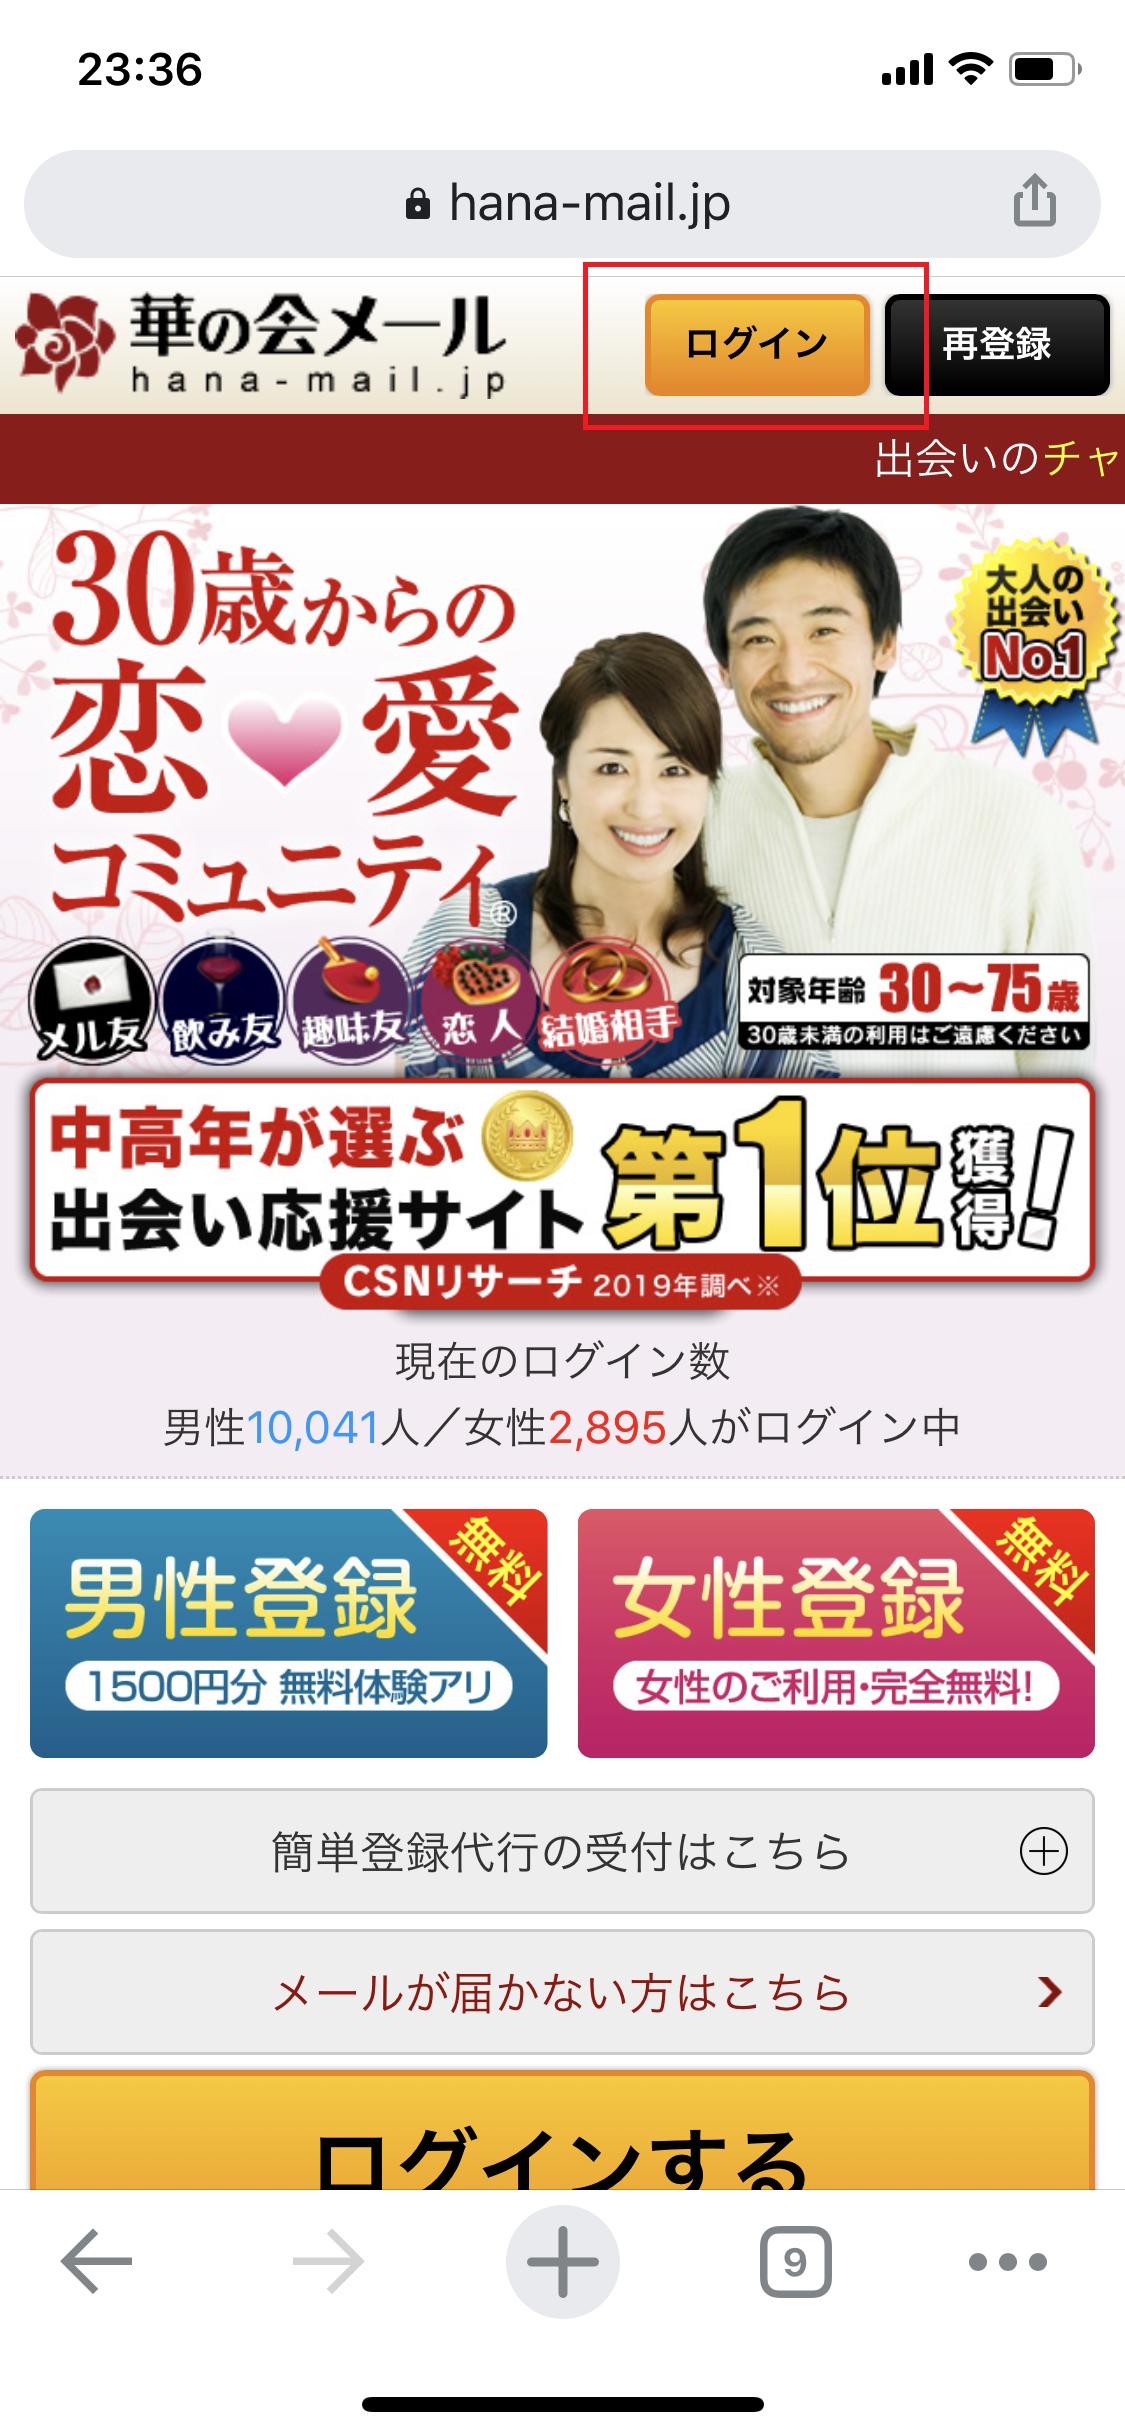 華の会ログイン 華の会メール 恋愛コラム